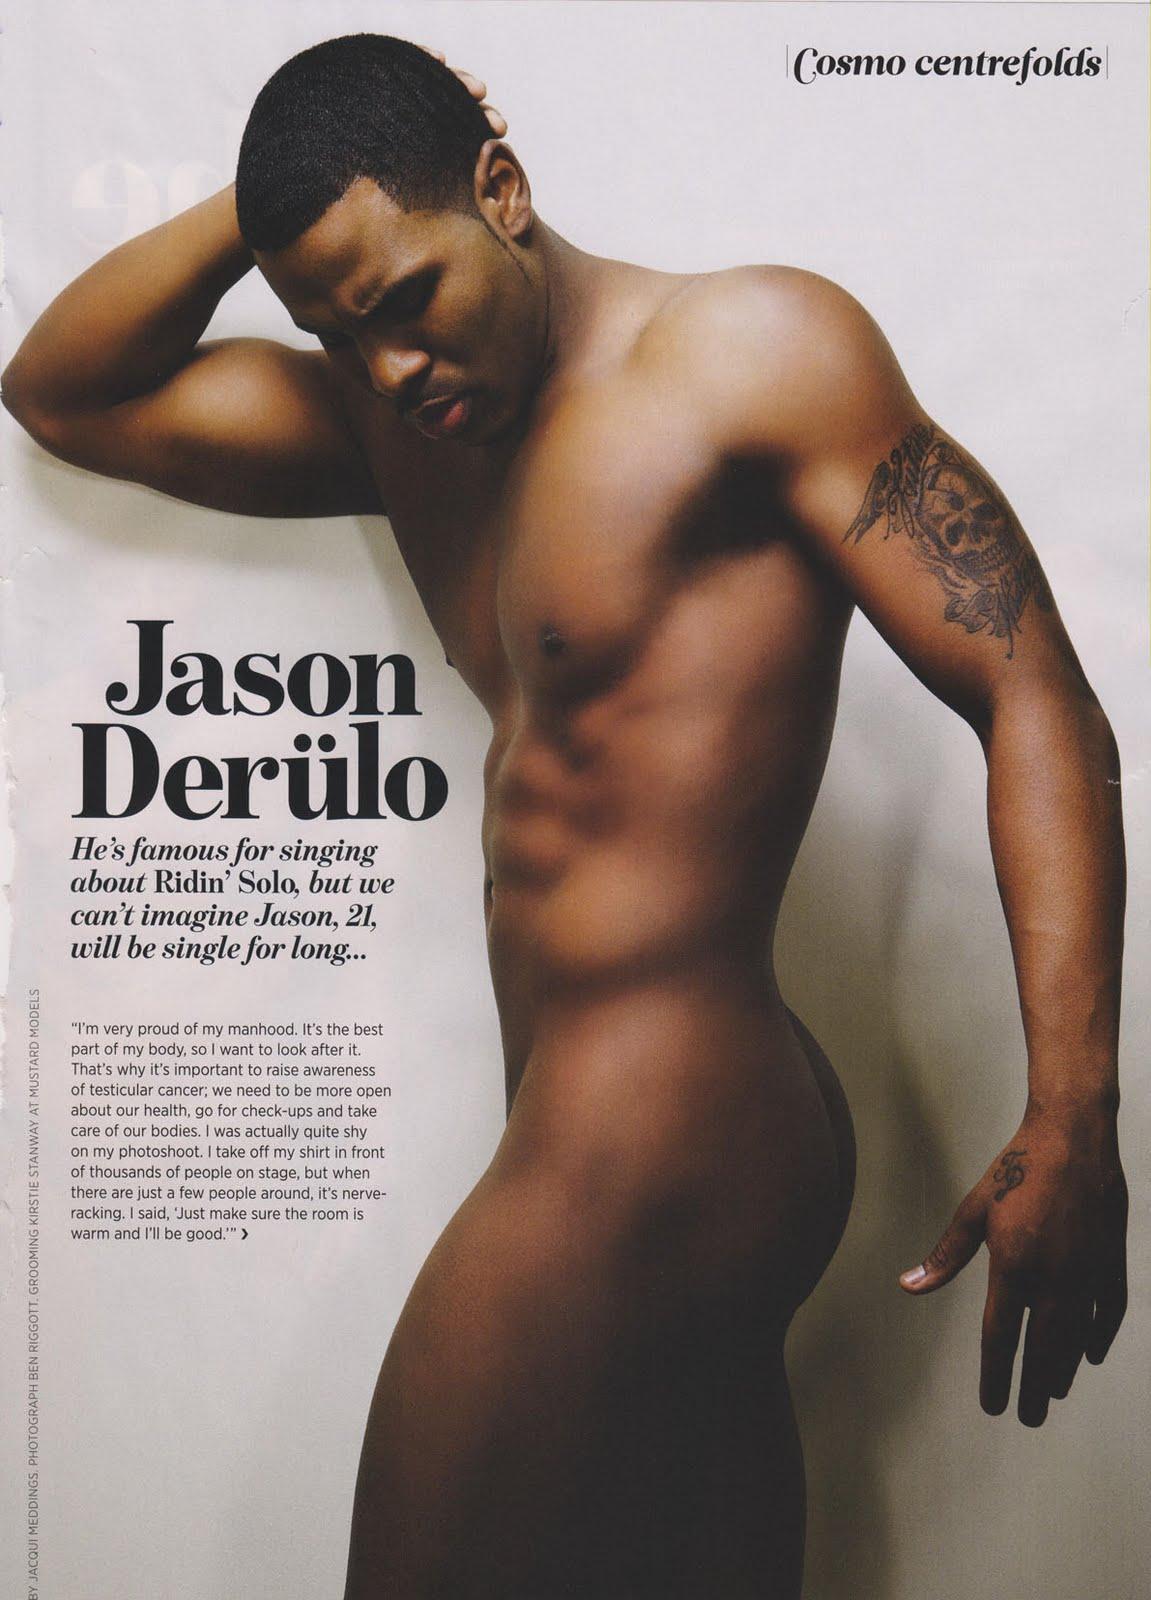 http://2.bp.blogspot.com/-xAJlOGA5POA/TdoxPrGtefI/AAAAAAAAAEY/io7qdLXNpao/s1600/Jason_Derulo_Naked_Cosmopolitan.jpg